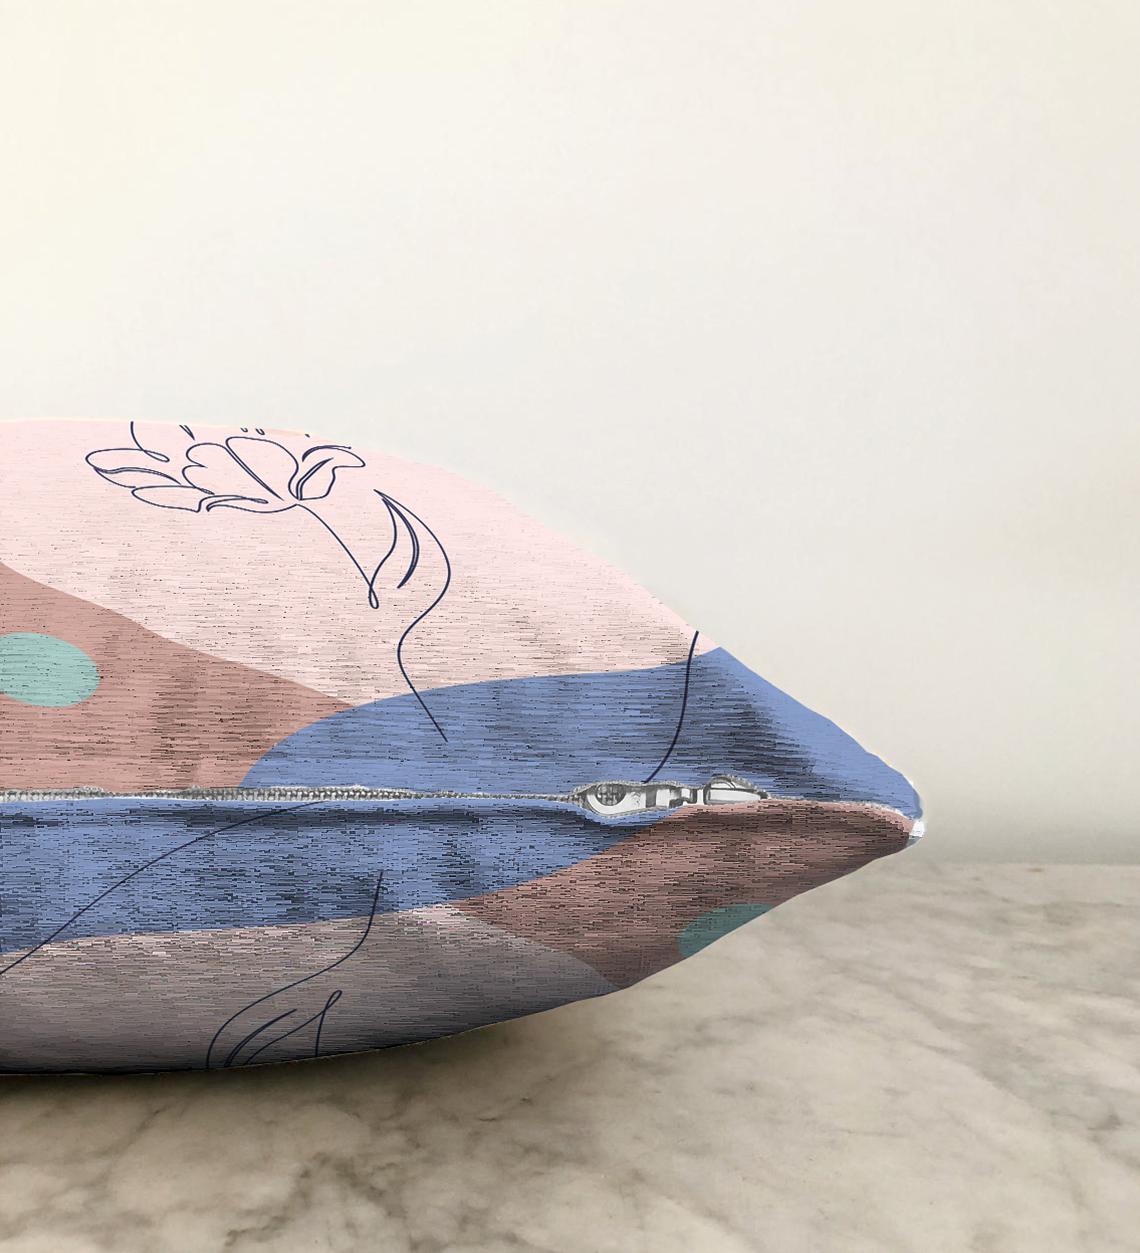 Realhomes Çift Taraflı Gül Desenli Bohemian Özel Tasarım Dekoratif Şönil Yastık Kırlent Kılıfı - 55 x 55 cm Realhomes